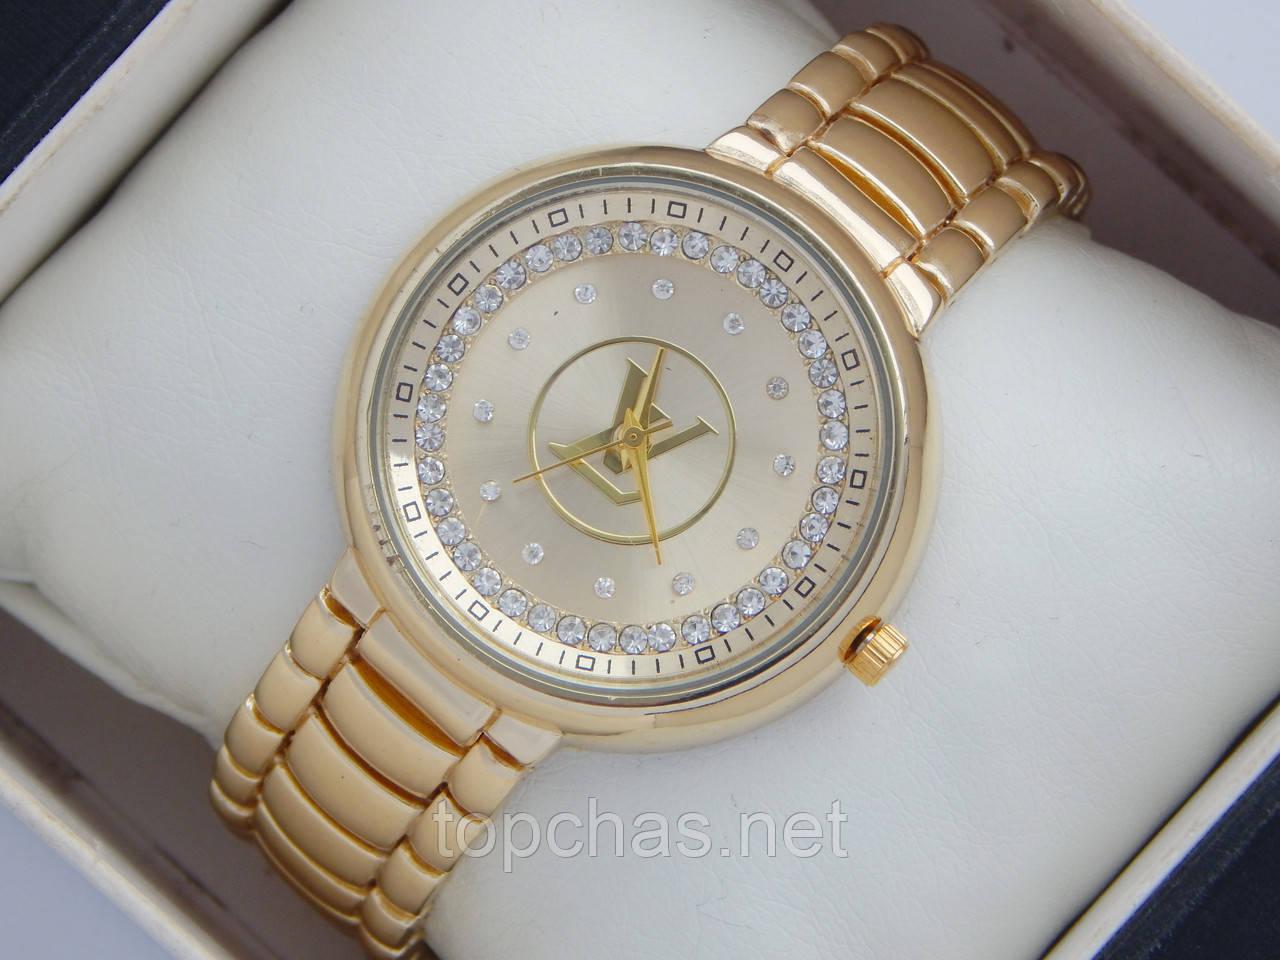 1fd27114934 Женские кварцевые наручные часы Louis Vuitton со стразами на металлическом  браслете